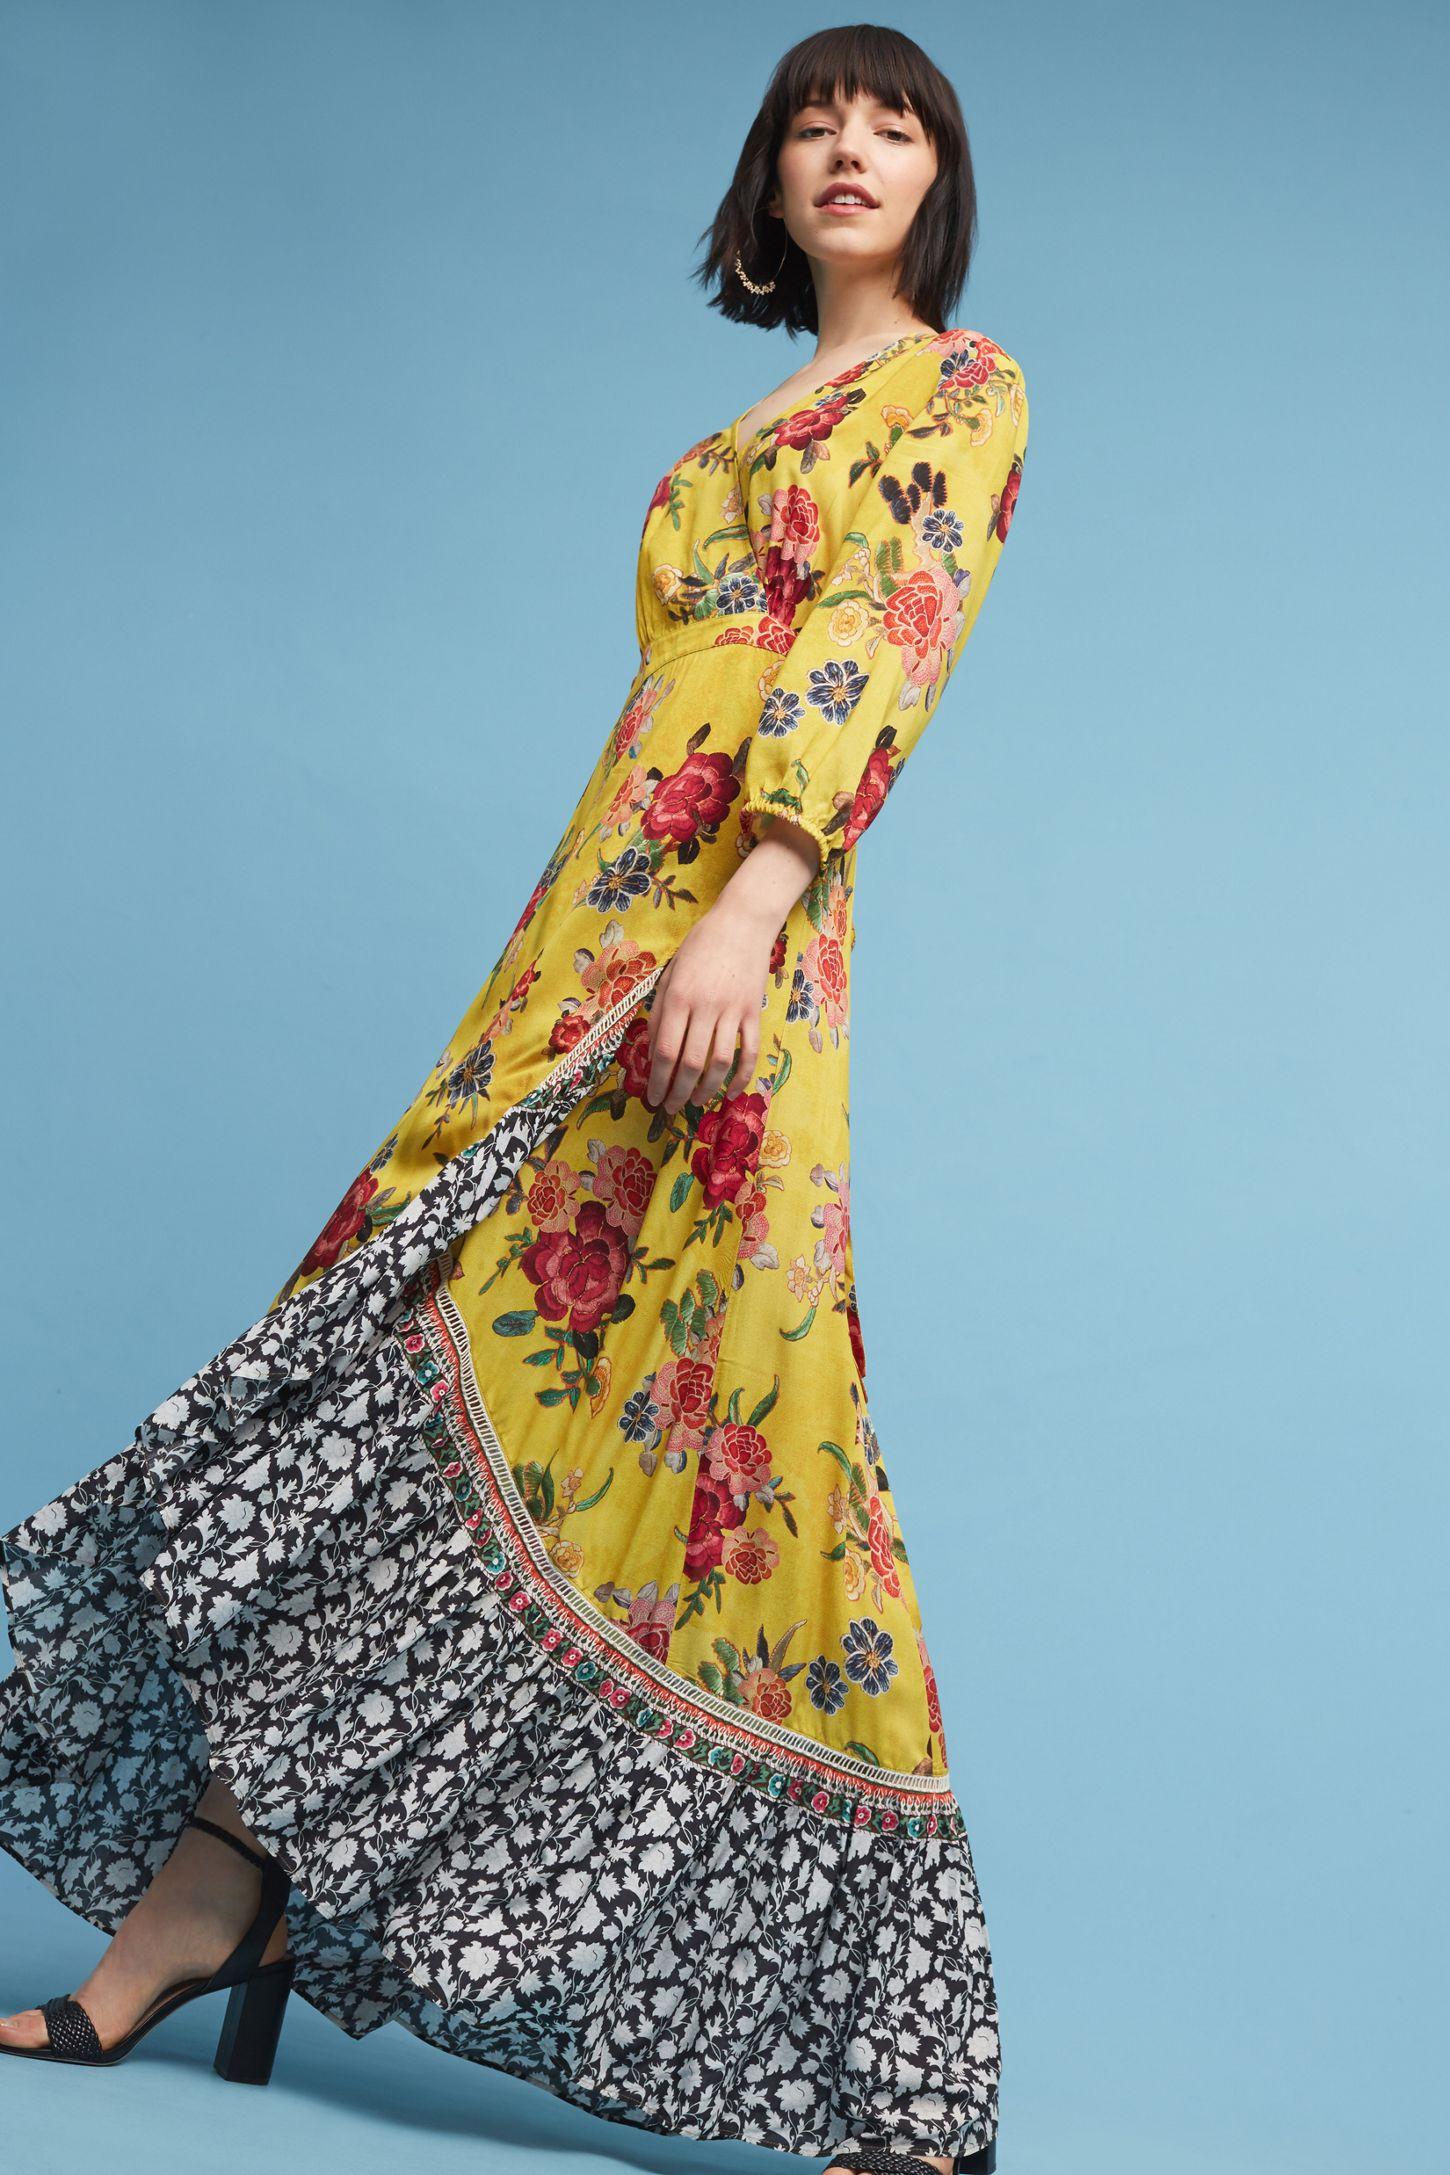 24ca953abb5f8 Farm Rio Sunlit Floral Maxi Dress | Anthropologie